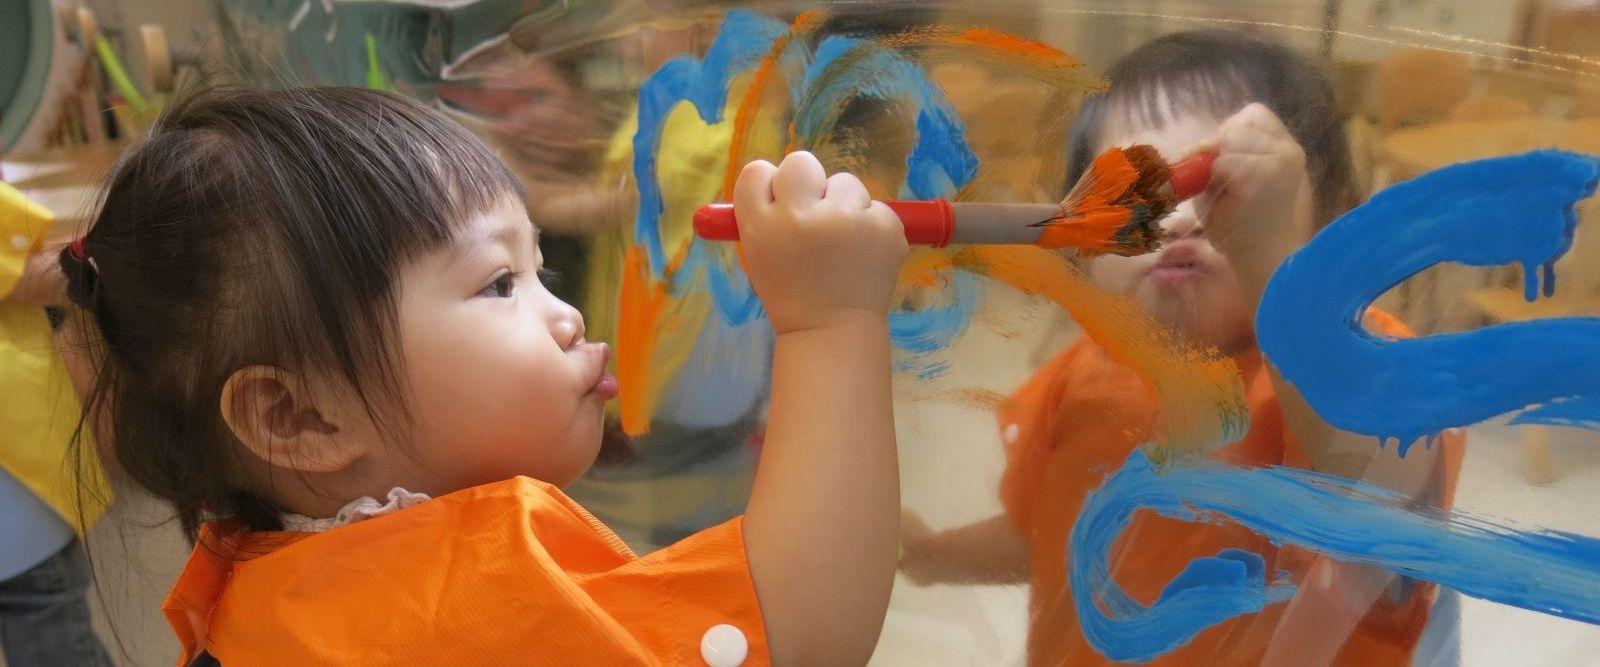 Infant &Toddler Programme | Victoria Kindergarten, Nursery, Infant &Toddler Programme